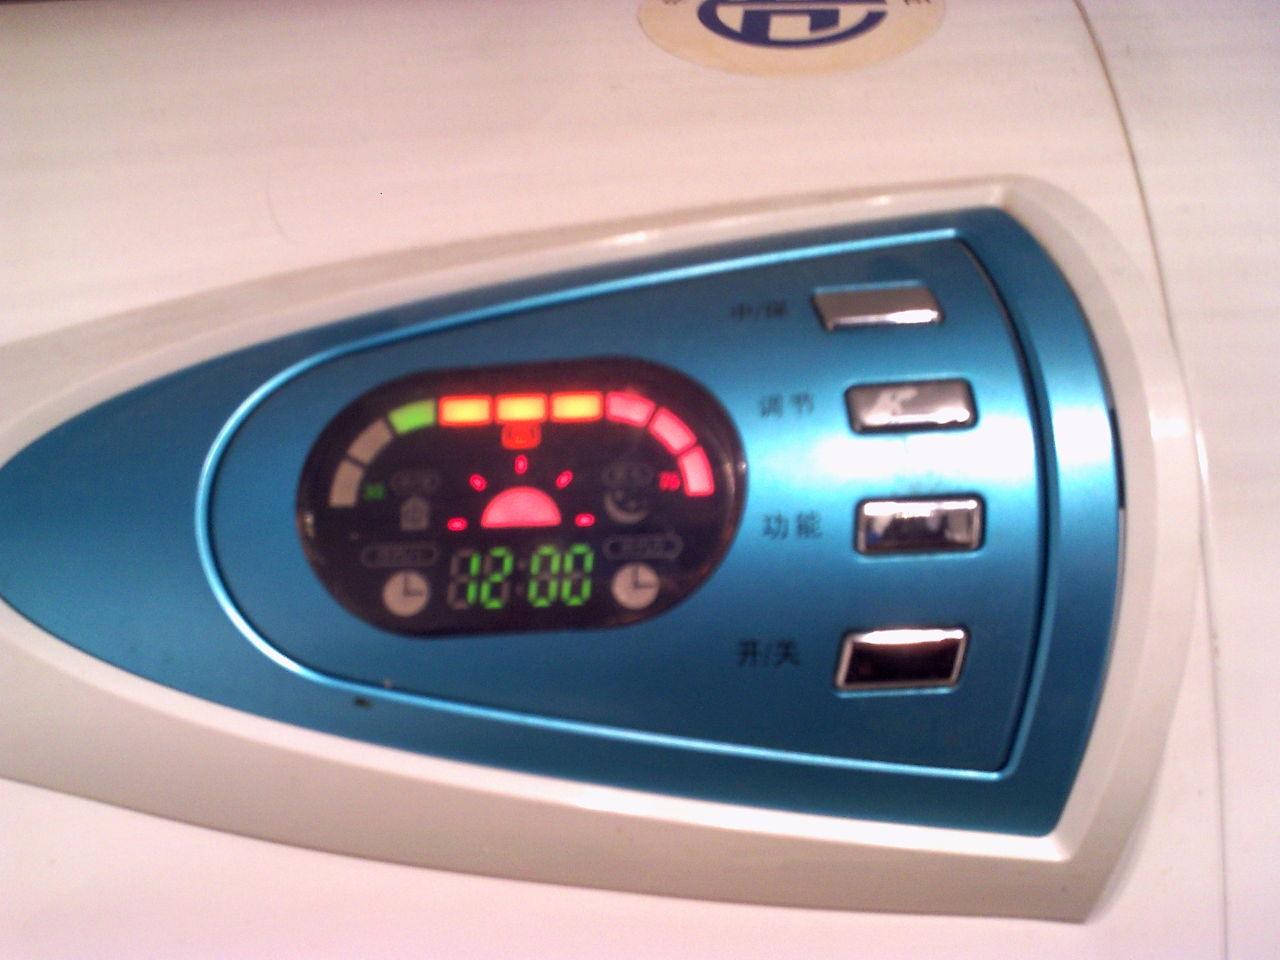 海尔热水器最高温度_海尔热水器A5怎么加热到更高的温度?_百度知道